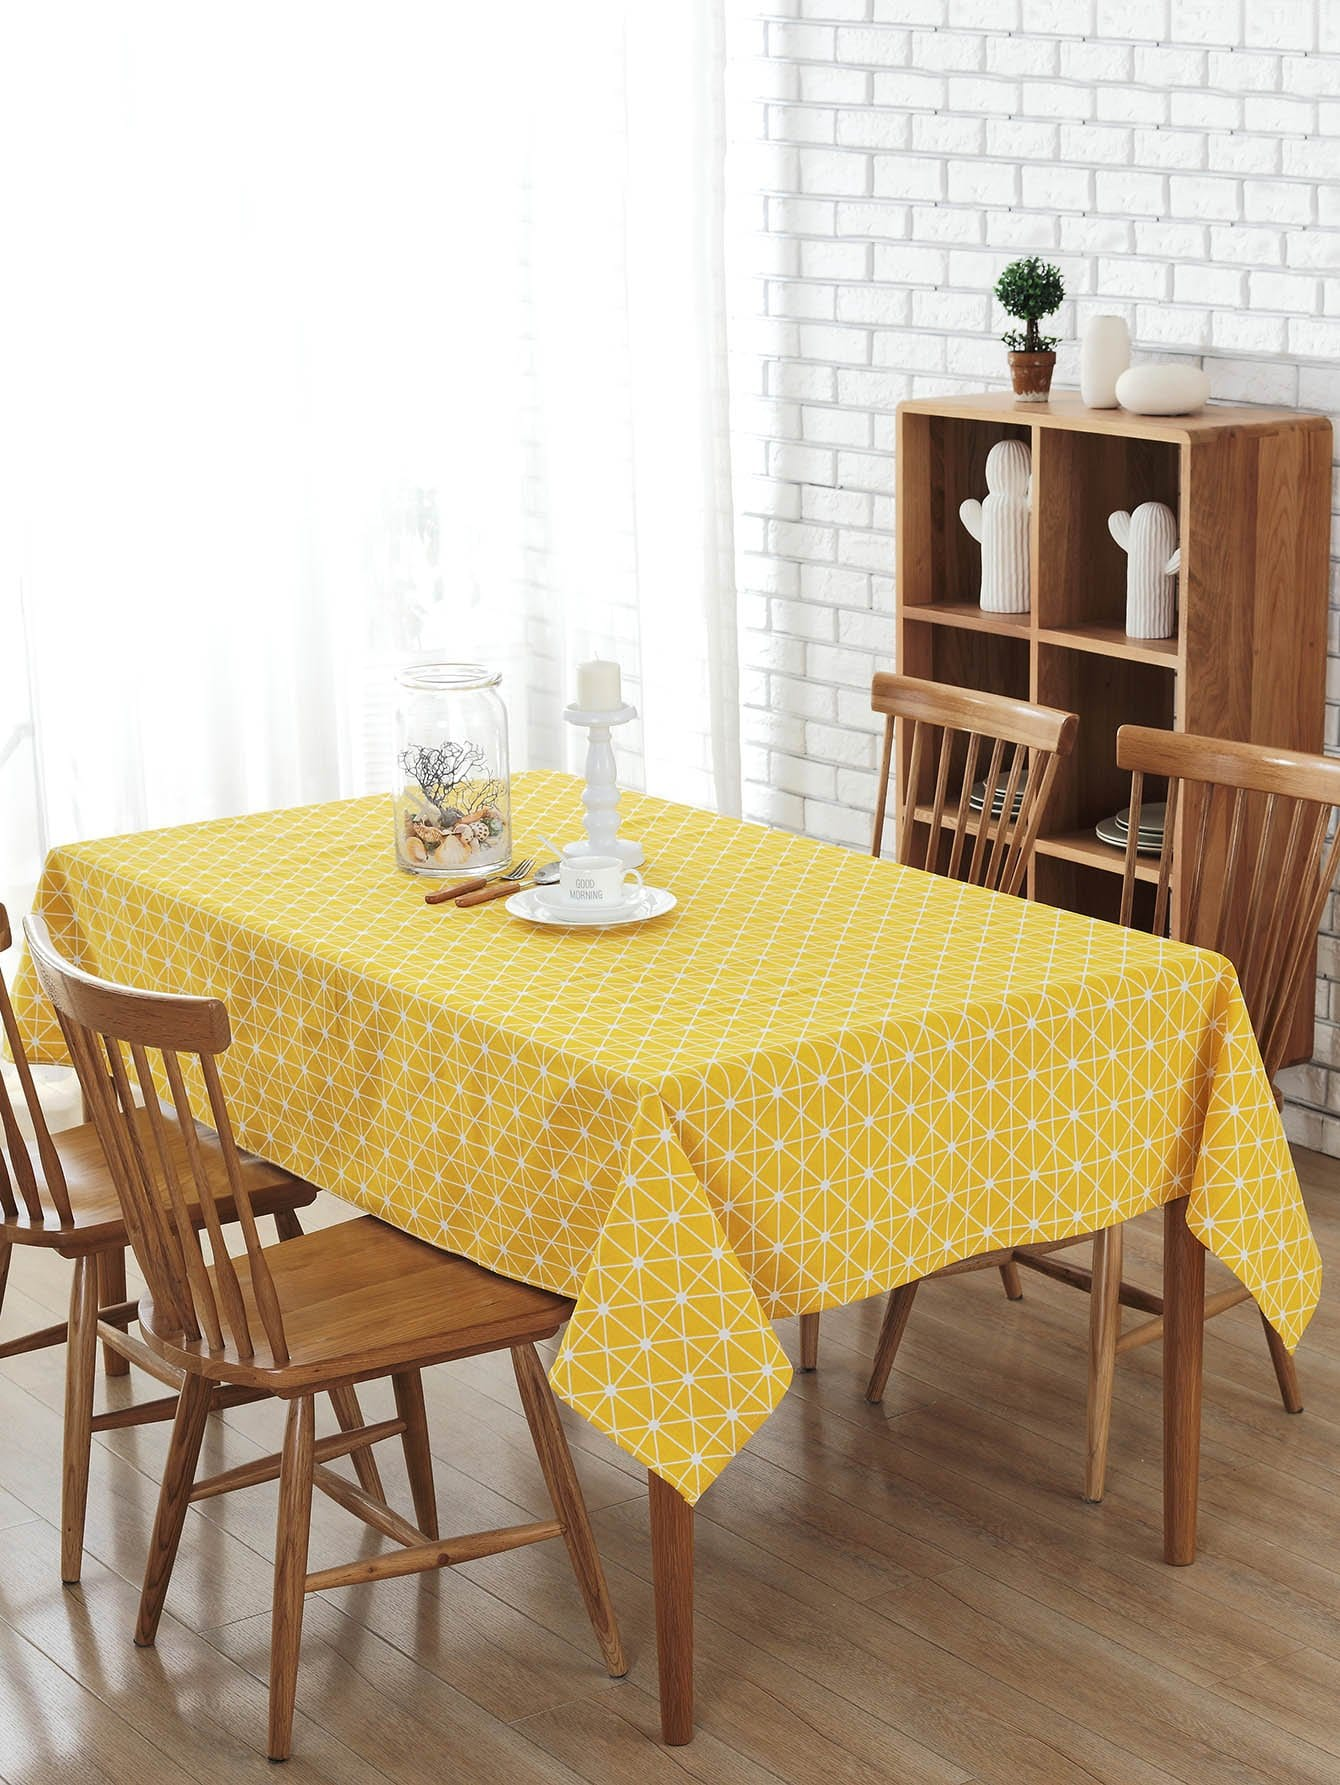 Plaid Print Table Cloth